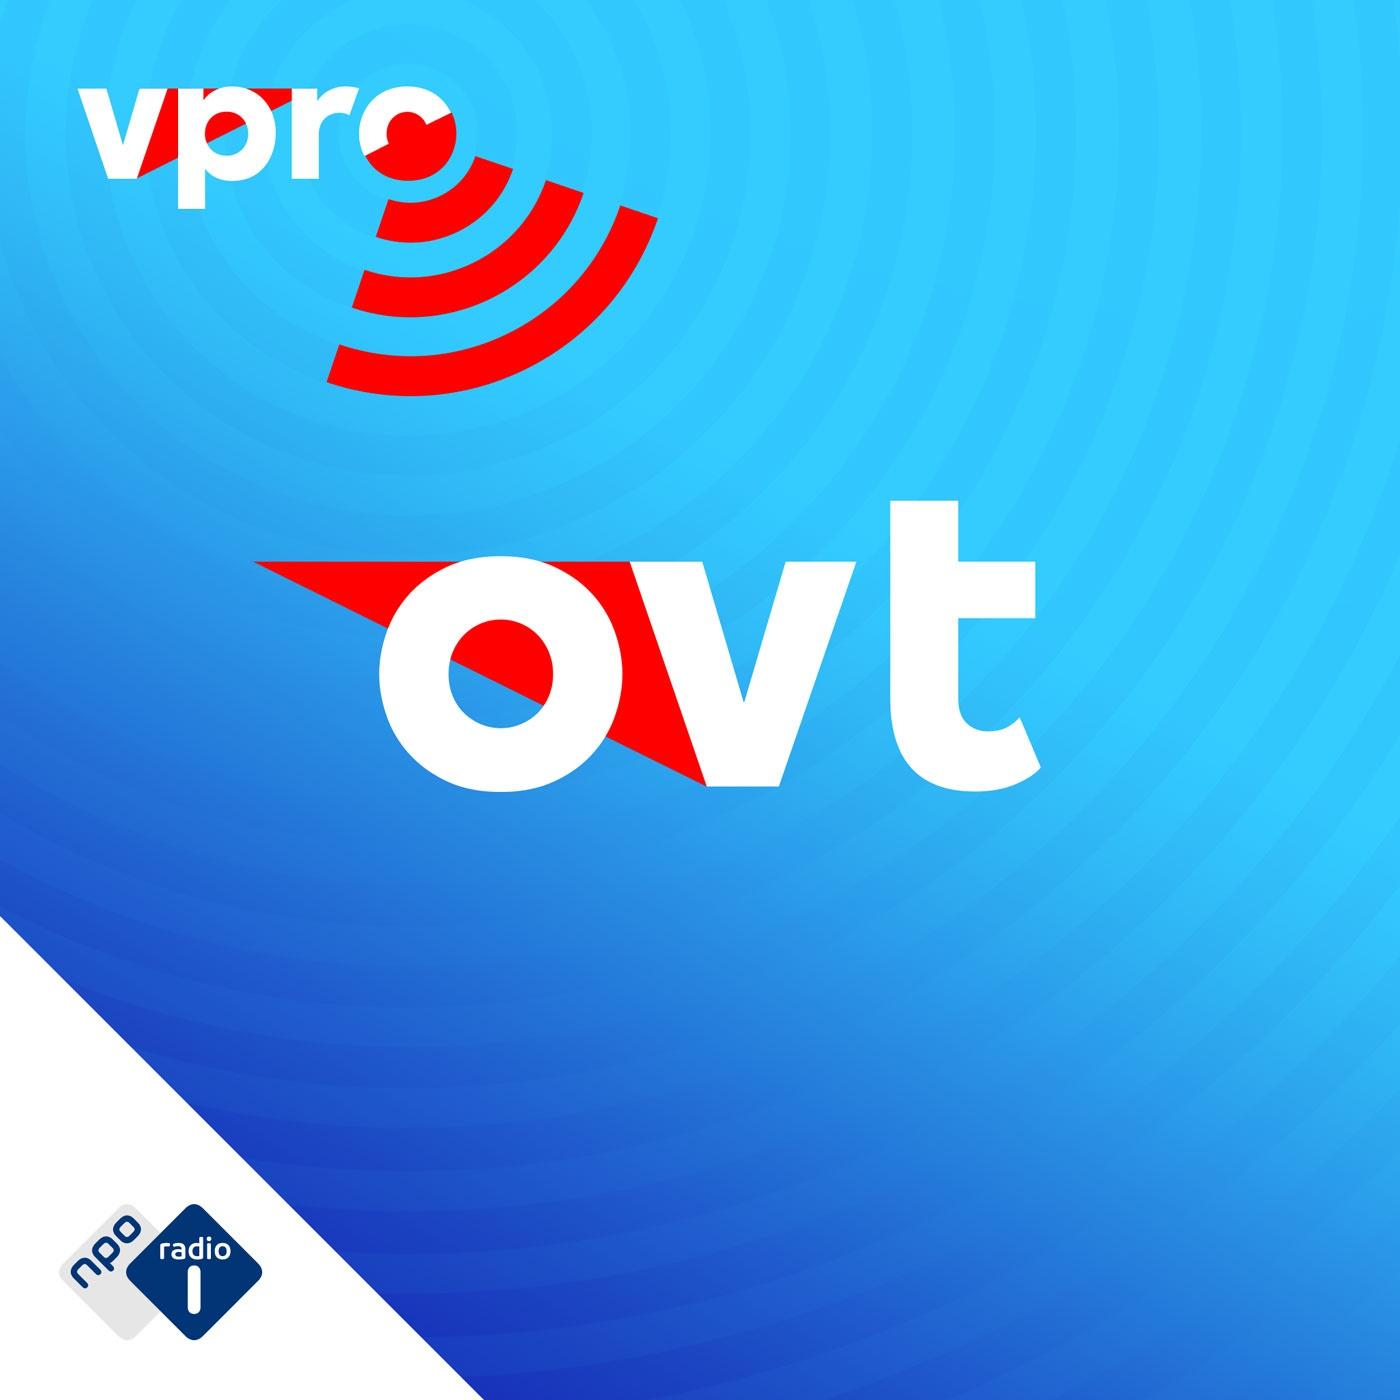 Afbeelding van https://www.nporadio1.nl/ovt